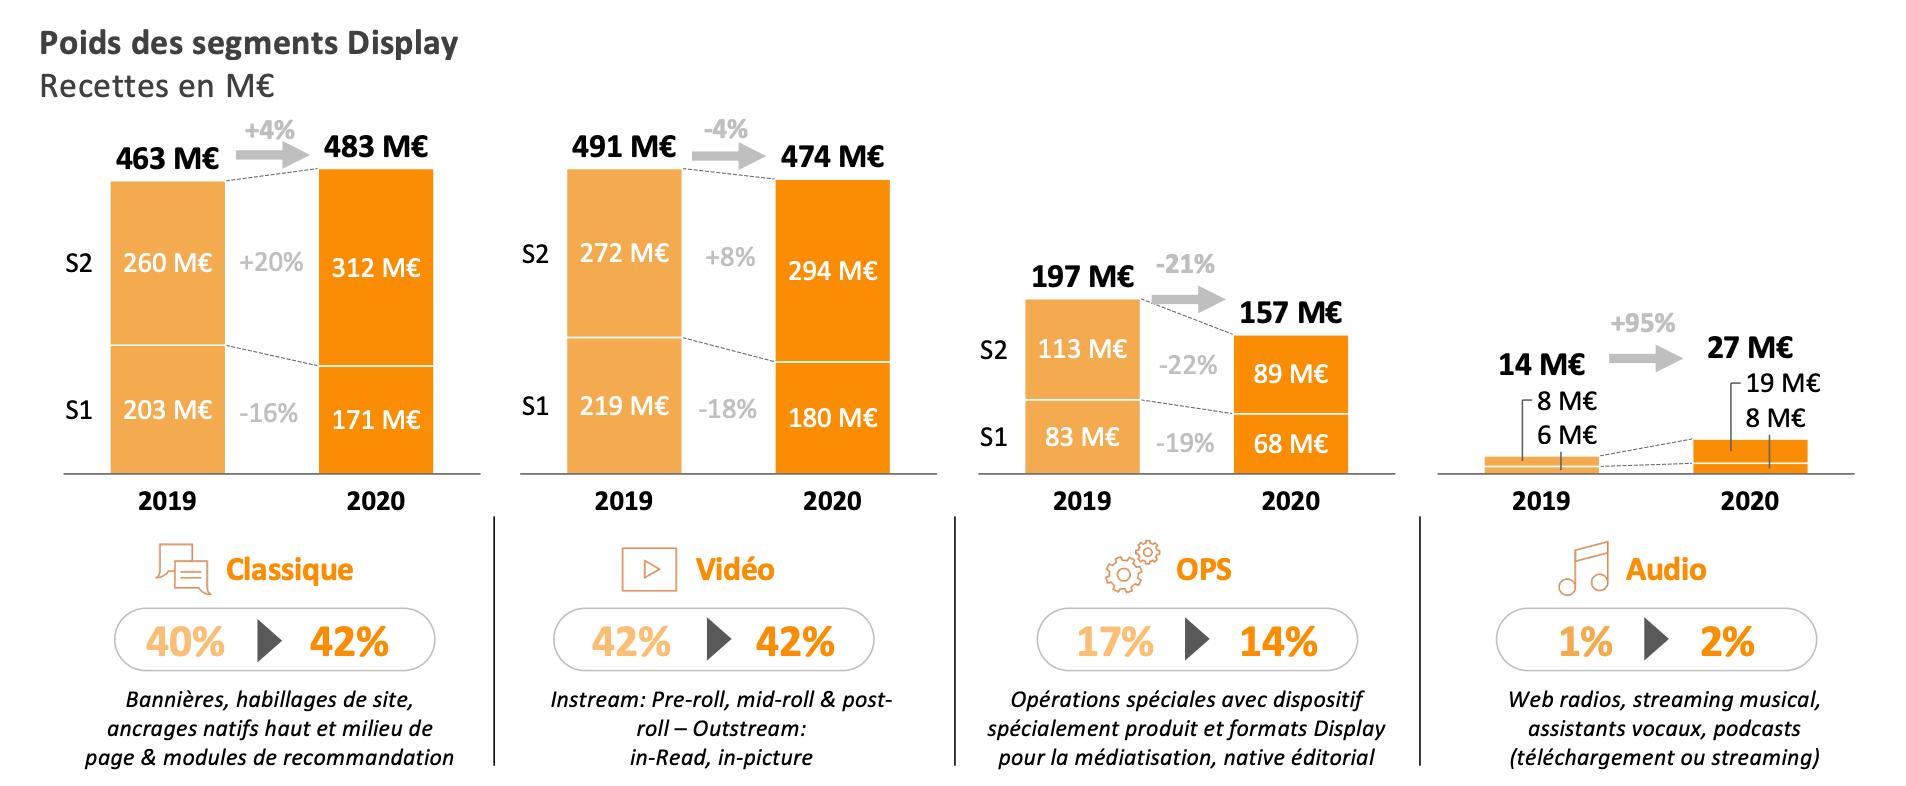 Le poids des différents segments du Display et leur évolution entre 2019 et 2020